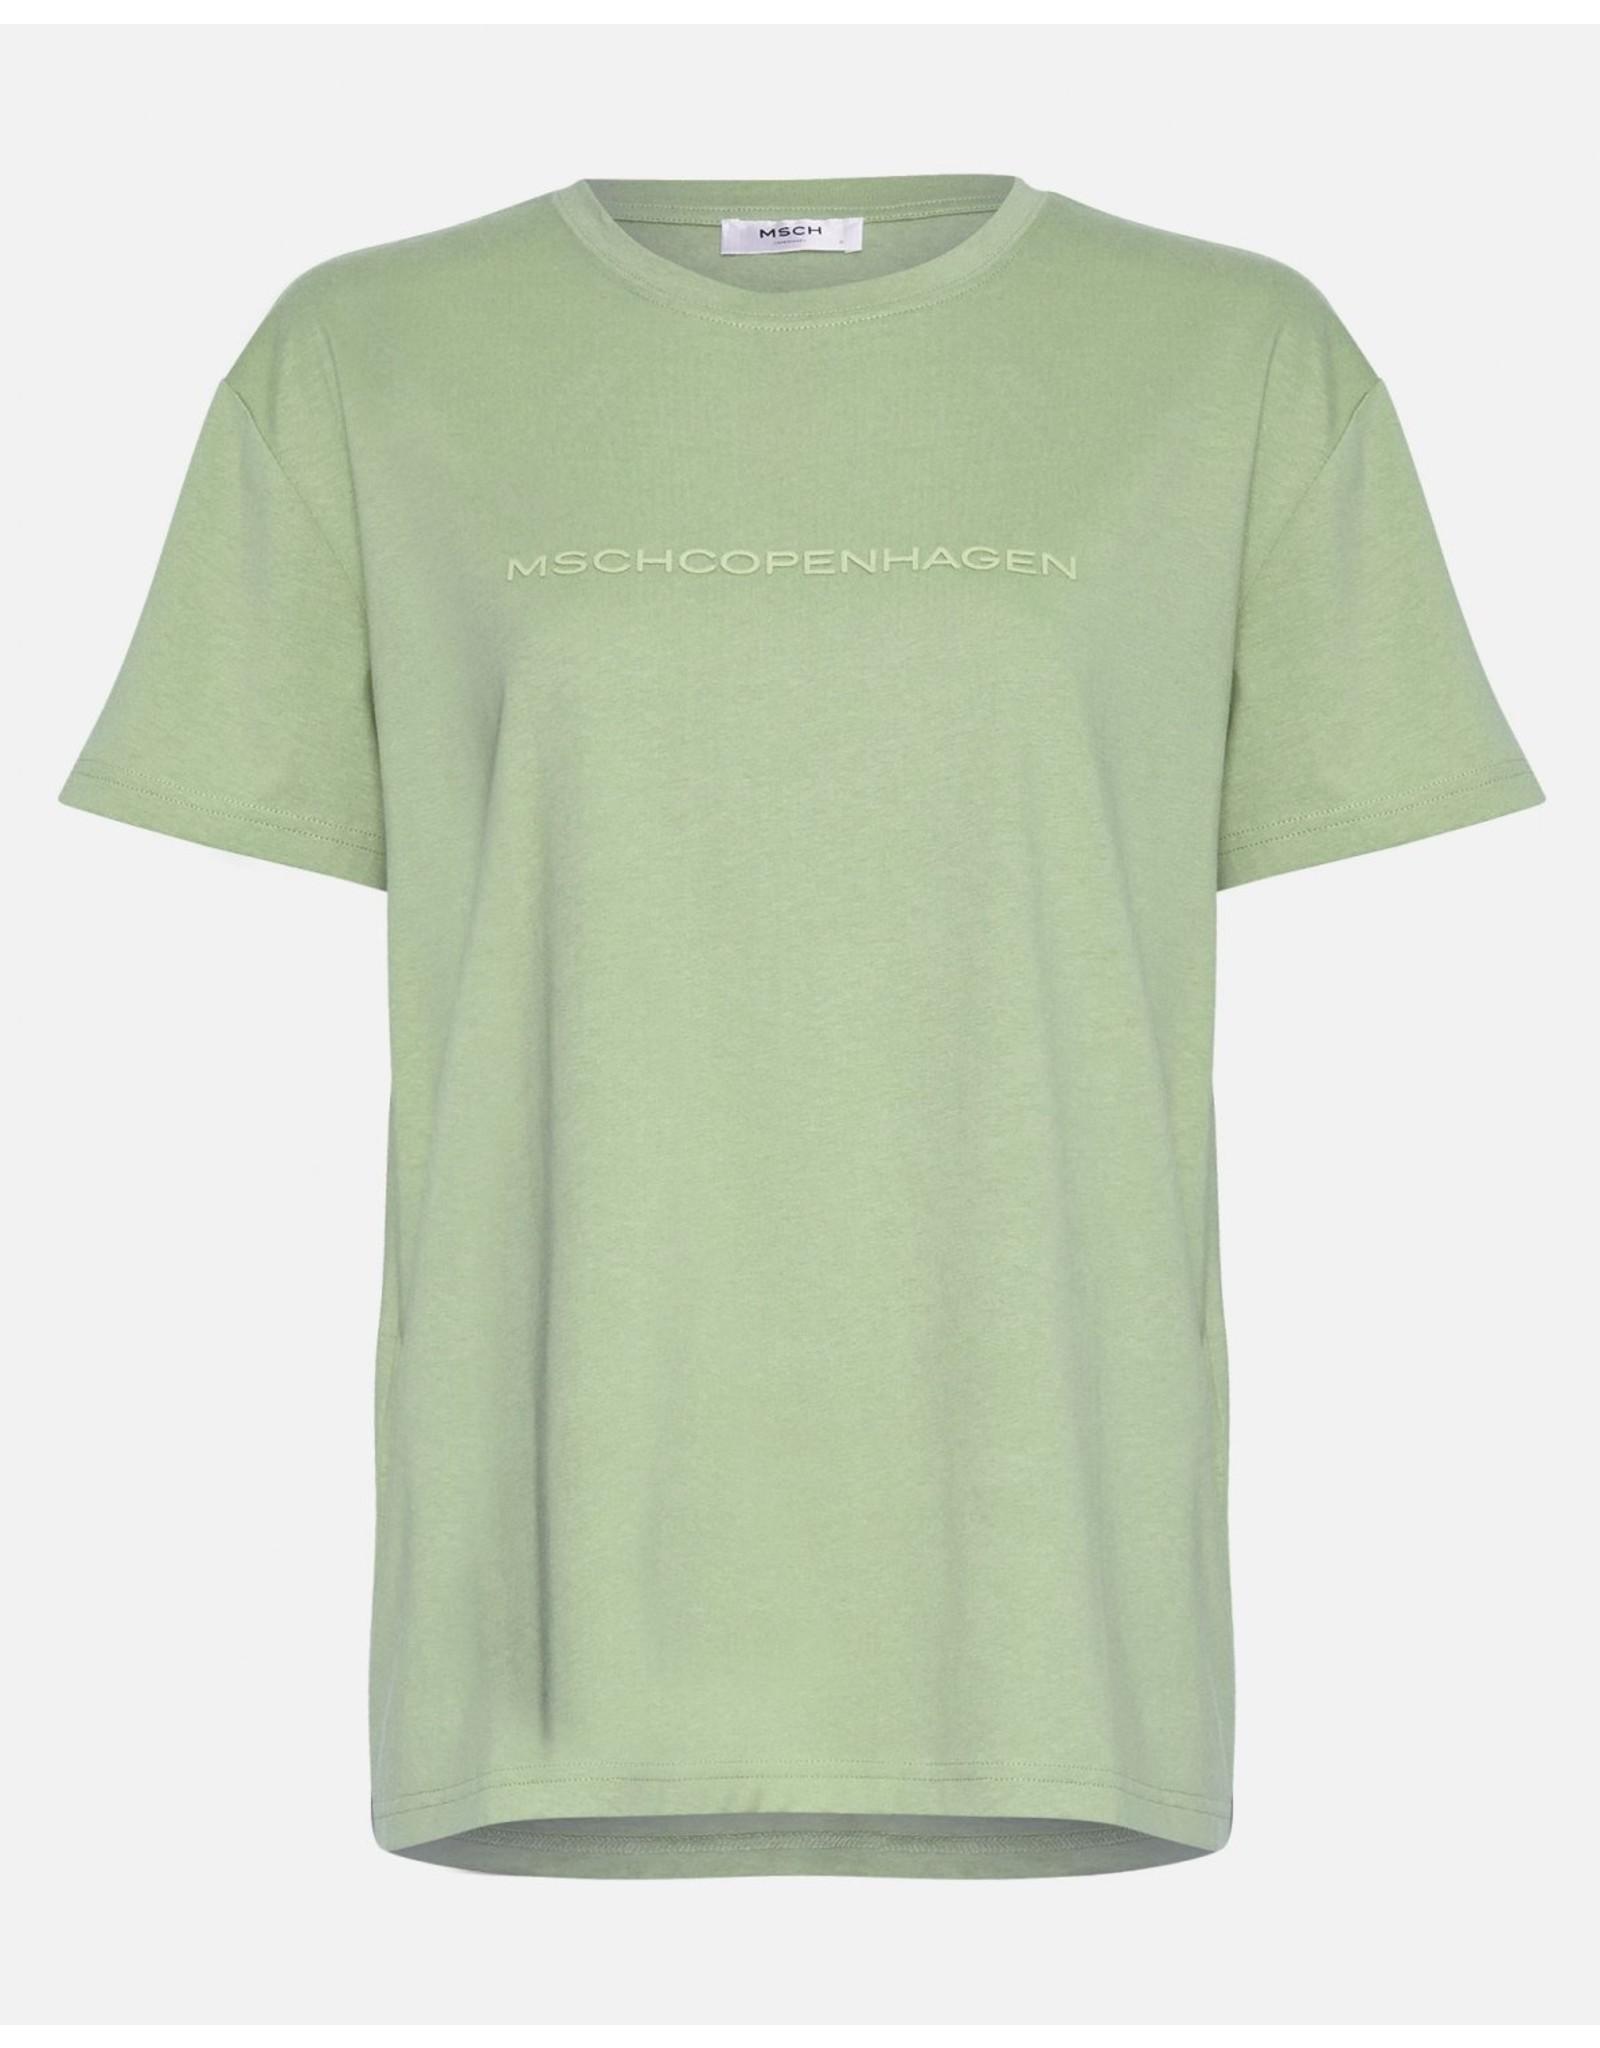 Moss Copenhagen - MSCH T-shirt - Liv - green